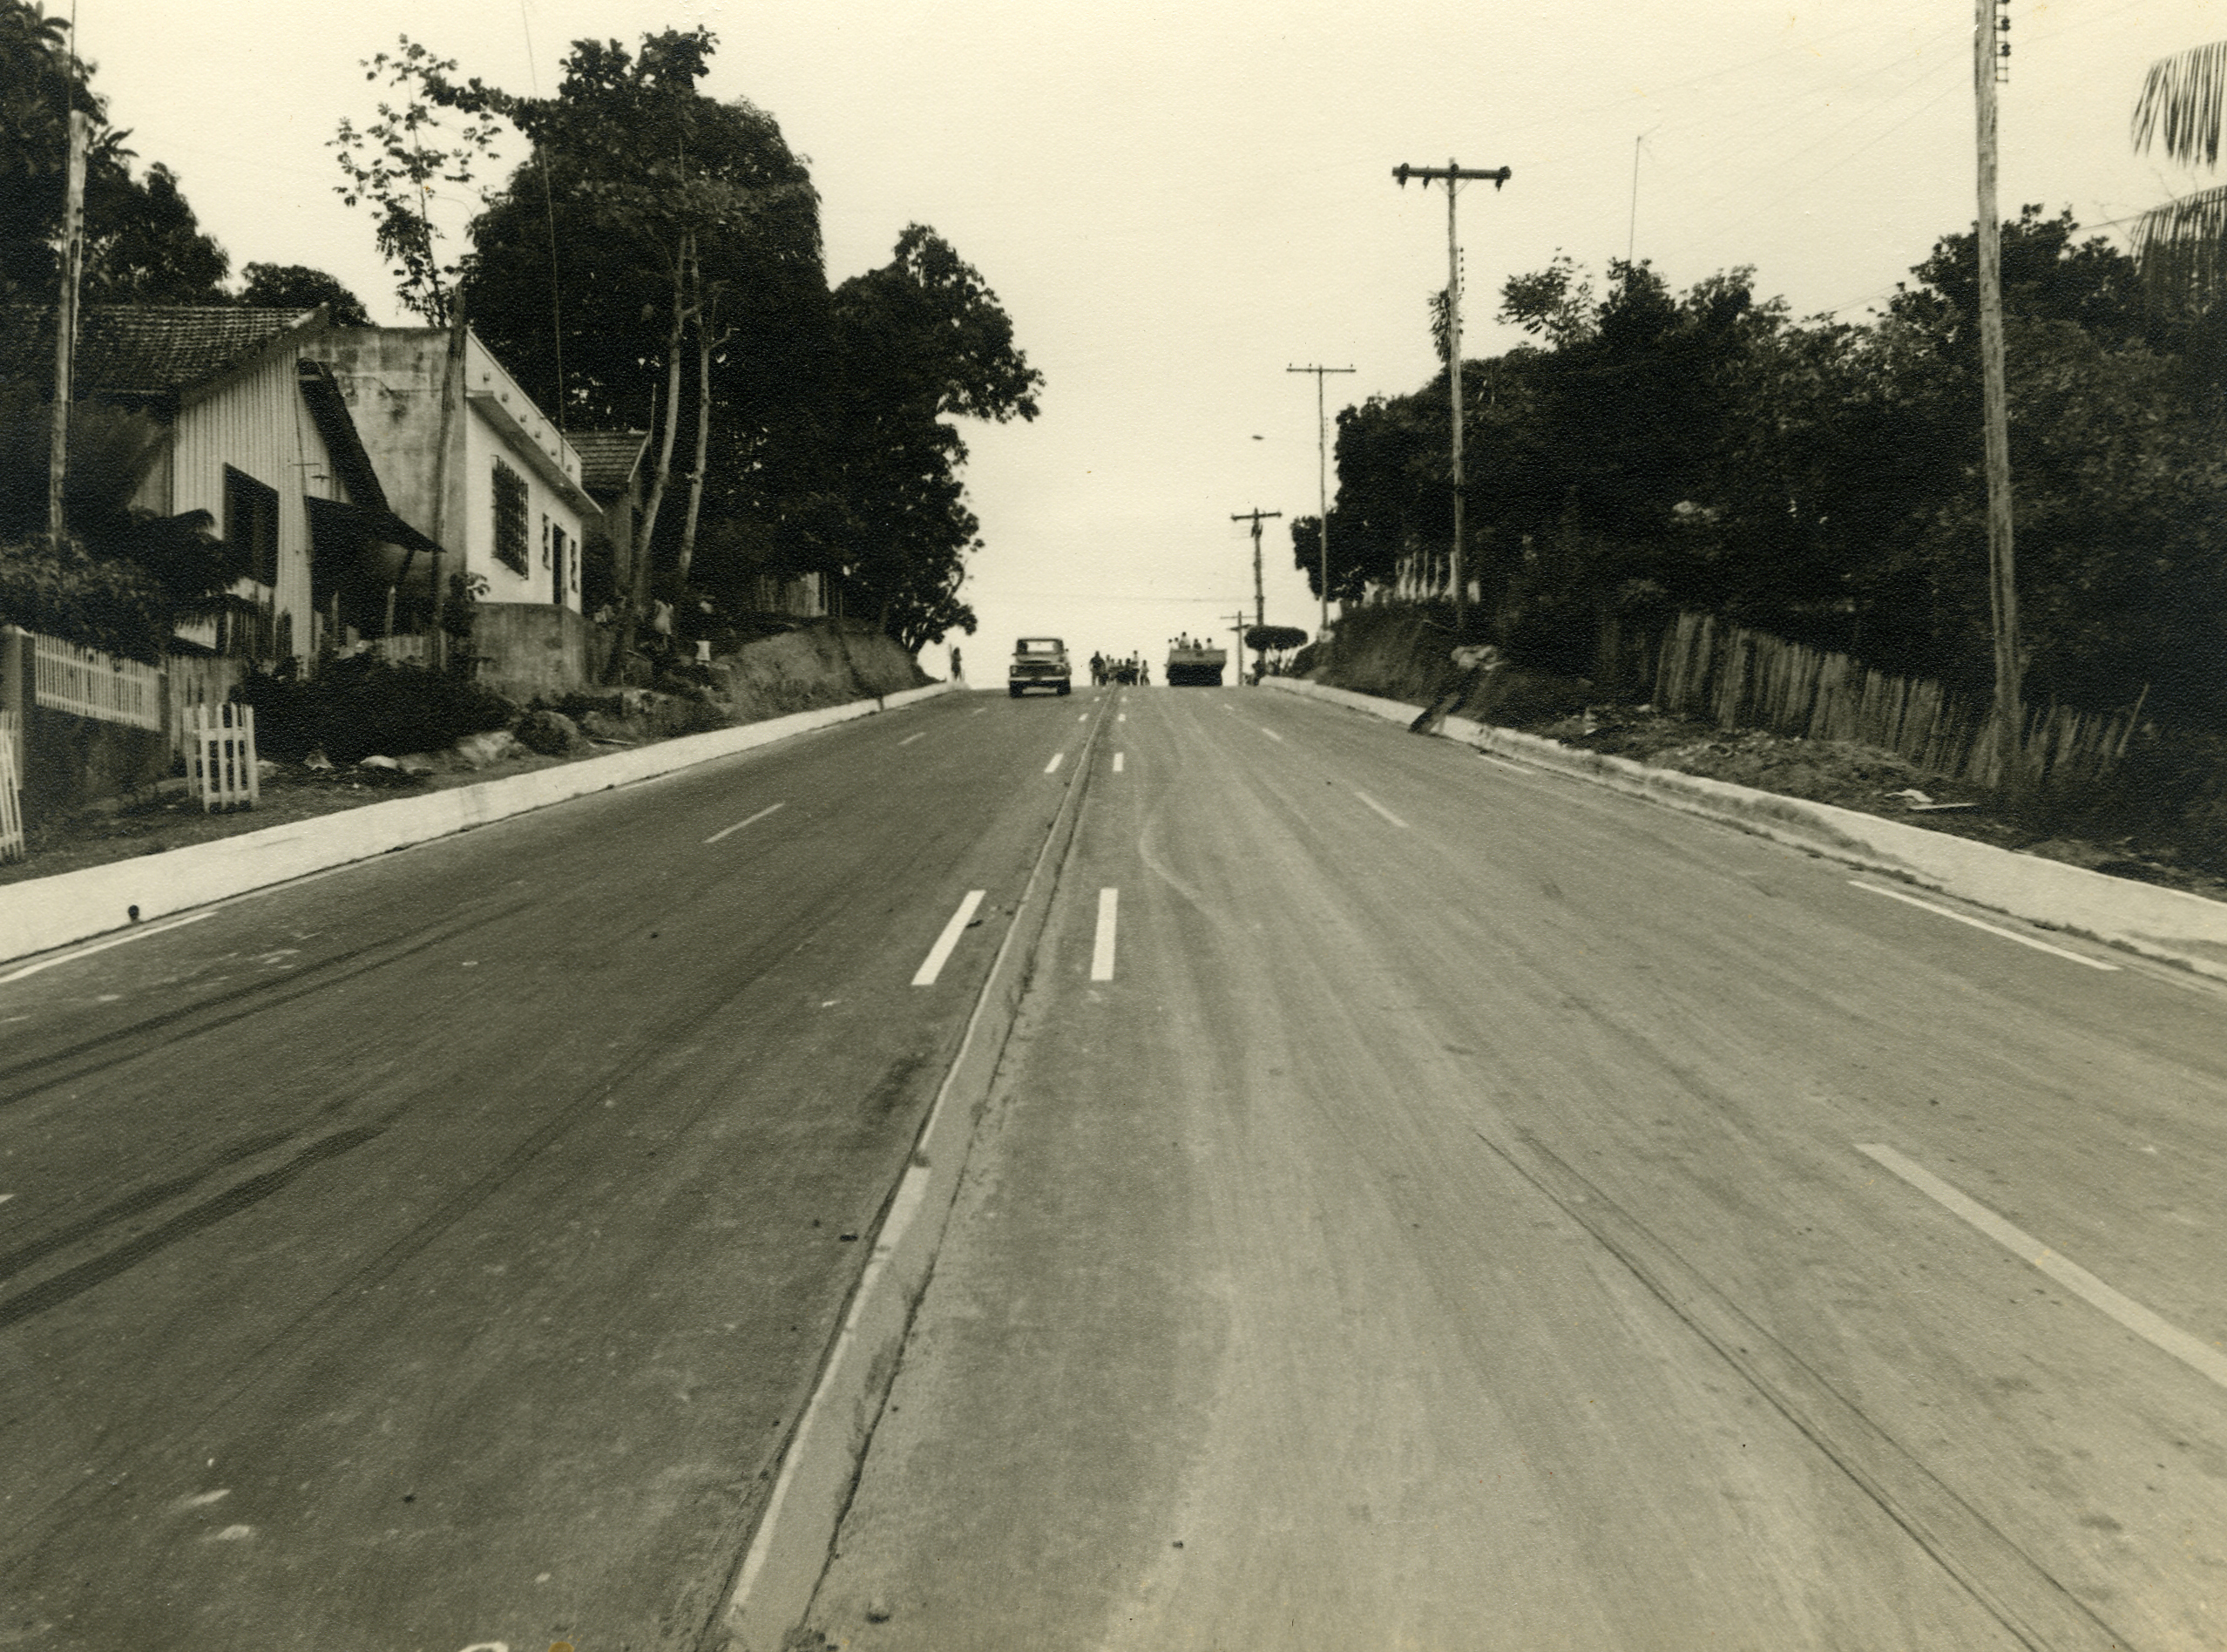 Fotografia da Avenida Paraíba Pavimentada e Urbanizada - IDD